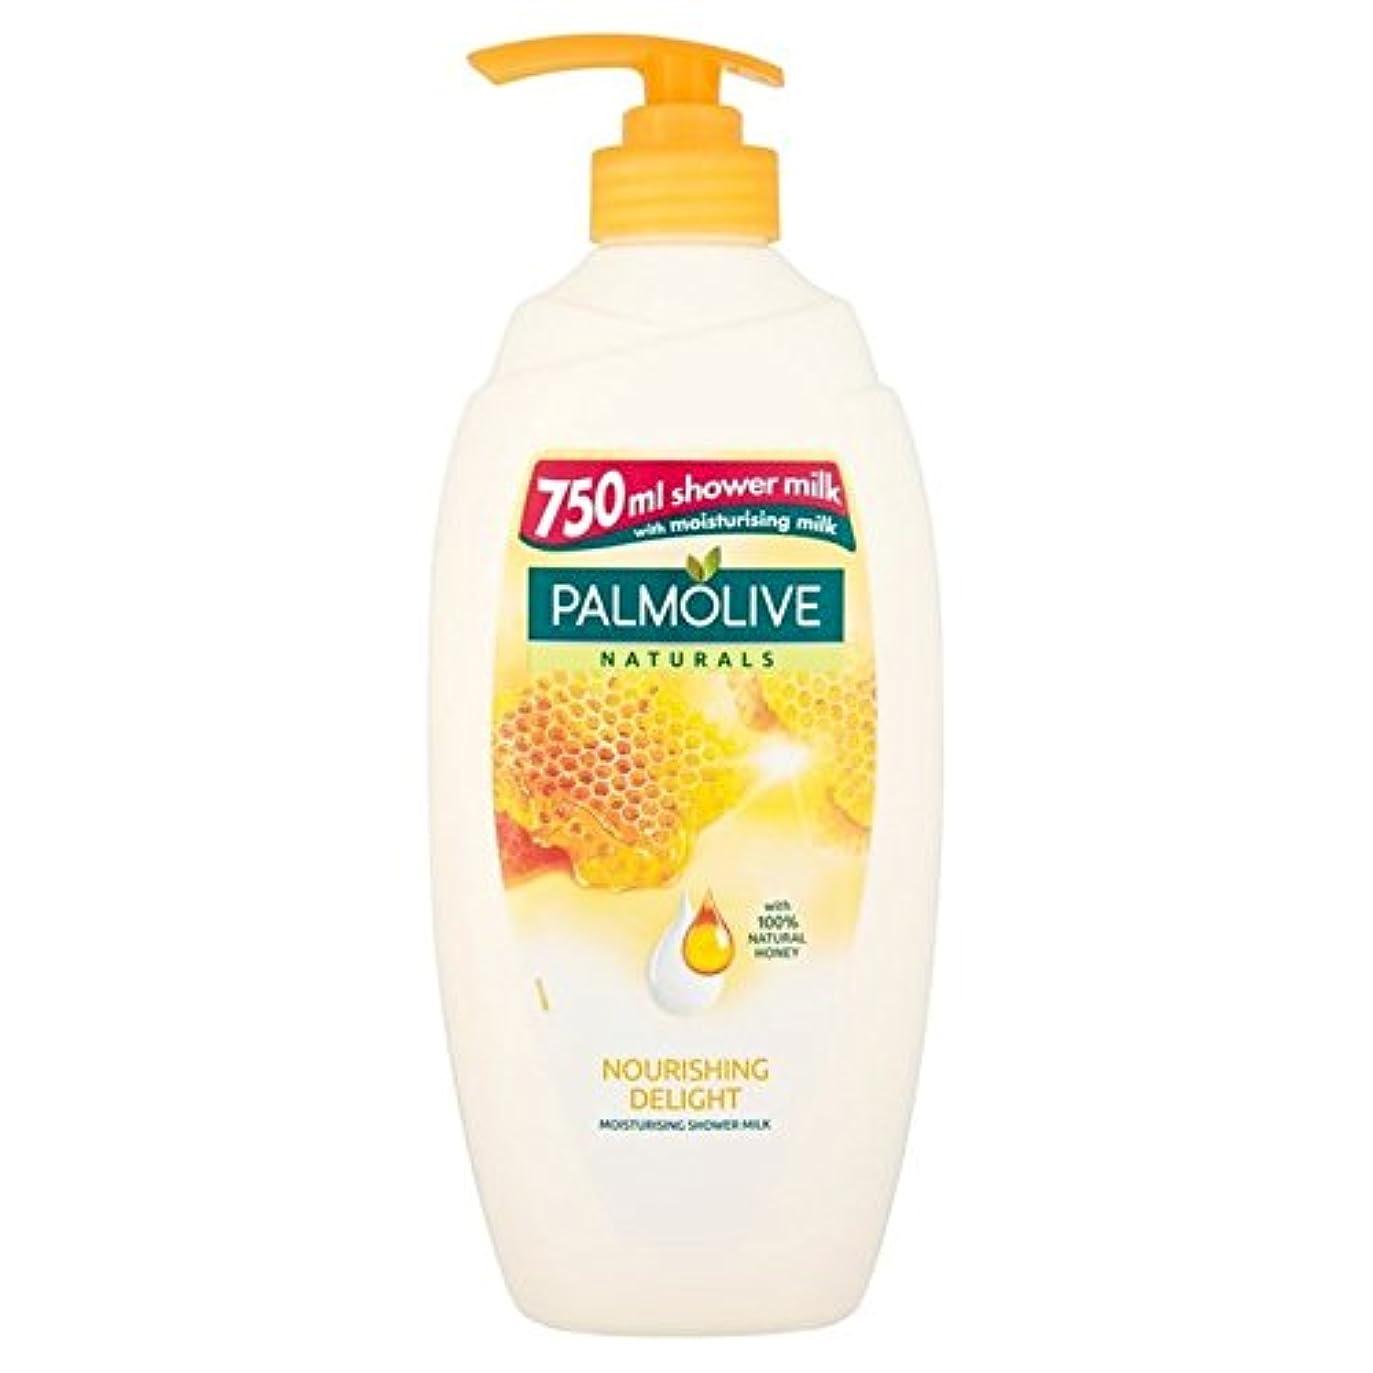 錆び滅びるを必要としていますPalmolive Naturals Nourishing Shower Naturals Milk with Honey 750ml (Pack of 6) - 蜂蜜の750ミリリットルとシャワーナチュラルミルク栄養パルモライブナチュラル x6 [並行輸入品]